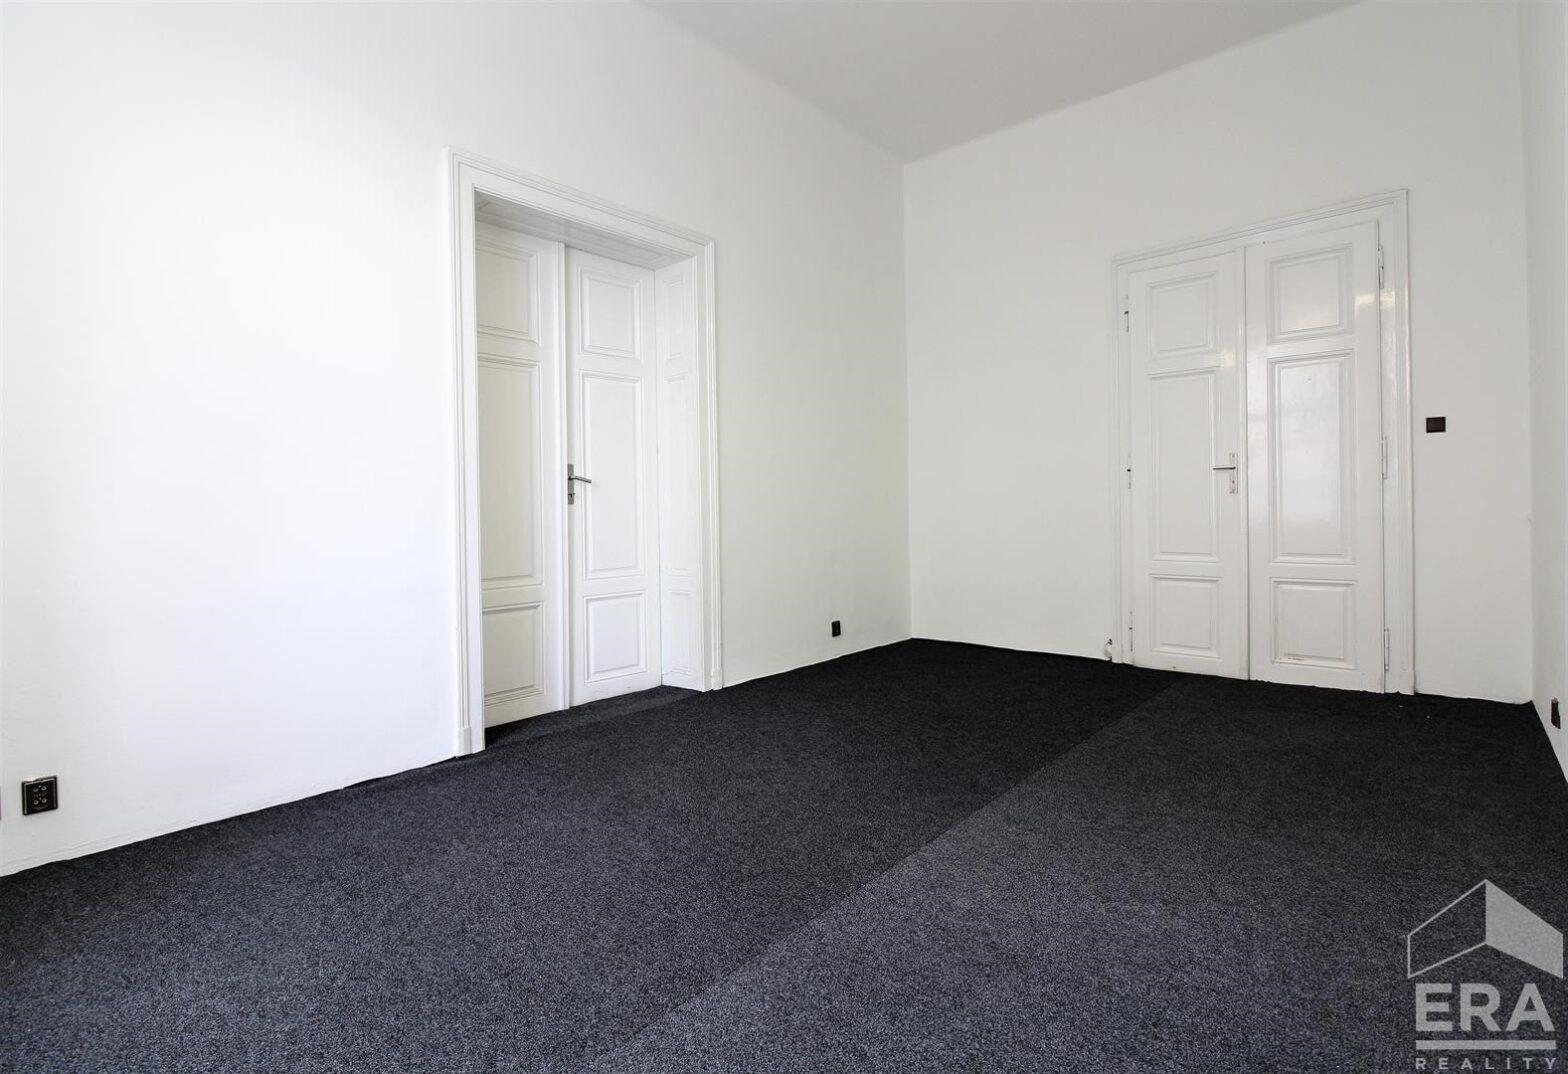 Pronájem dvoukanceláře (37,9m2), Brno-město, Dvořákova